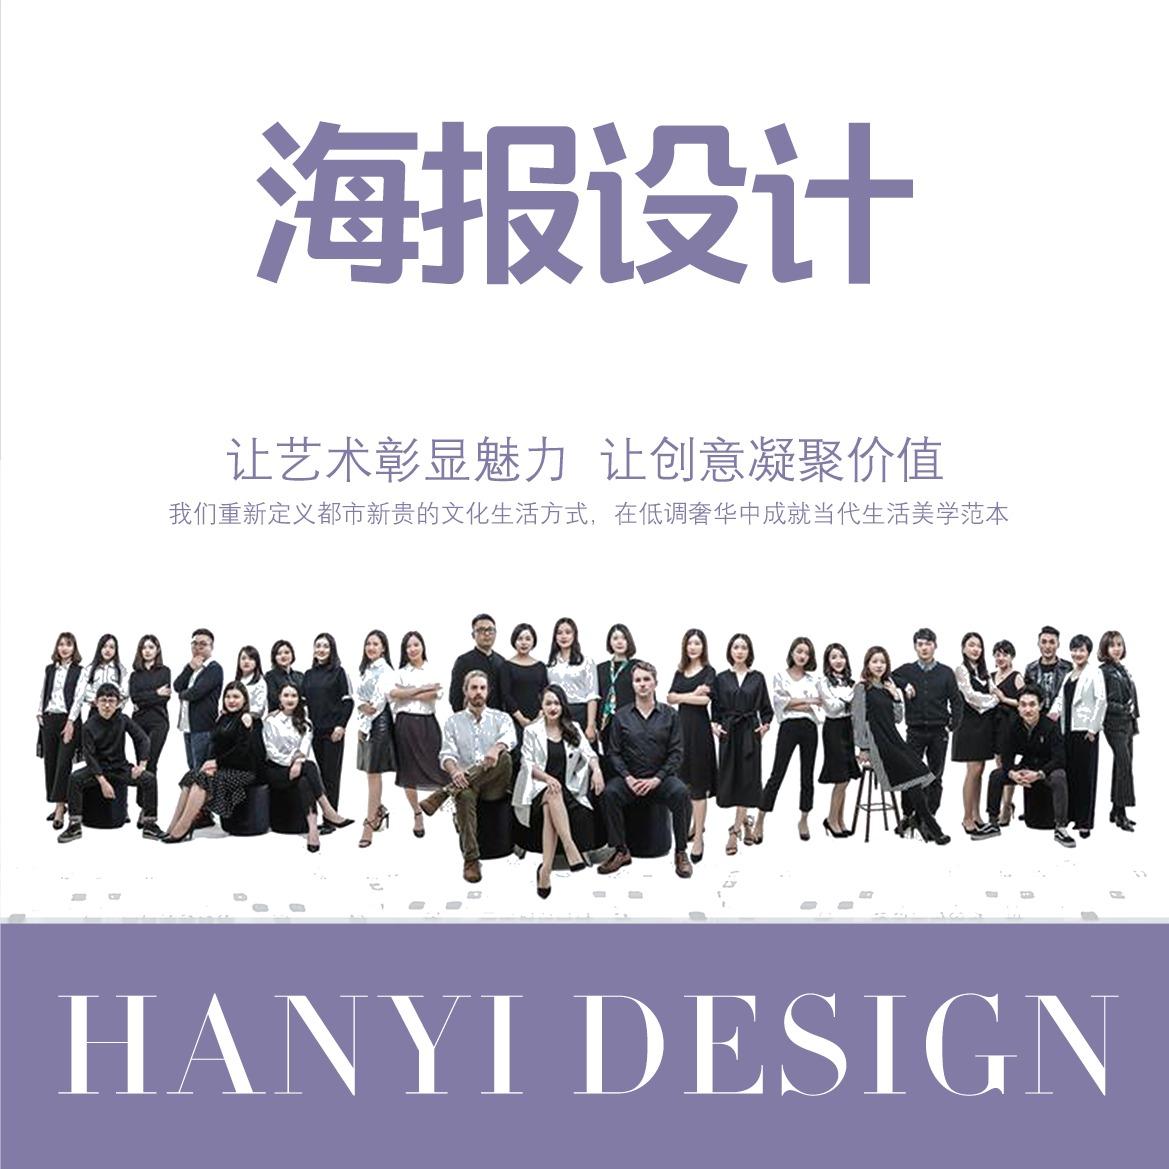 【品牌设计】企业宣传册公司画册产品目录招商手册教材内刊海报